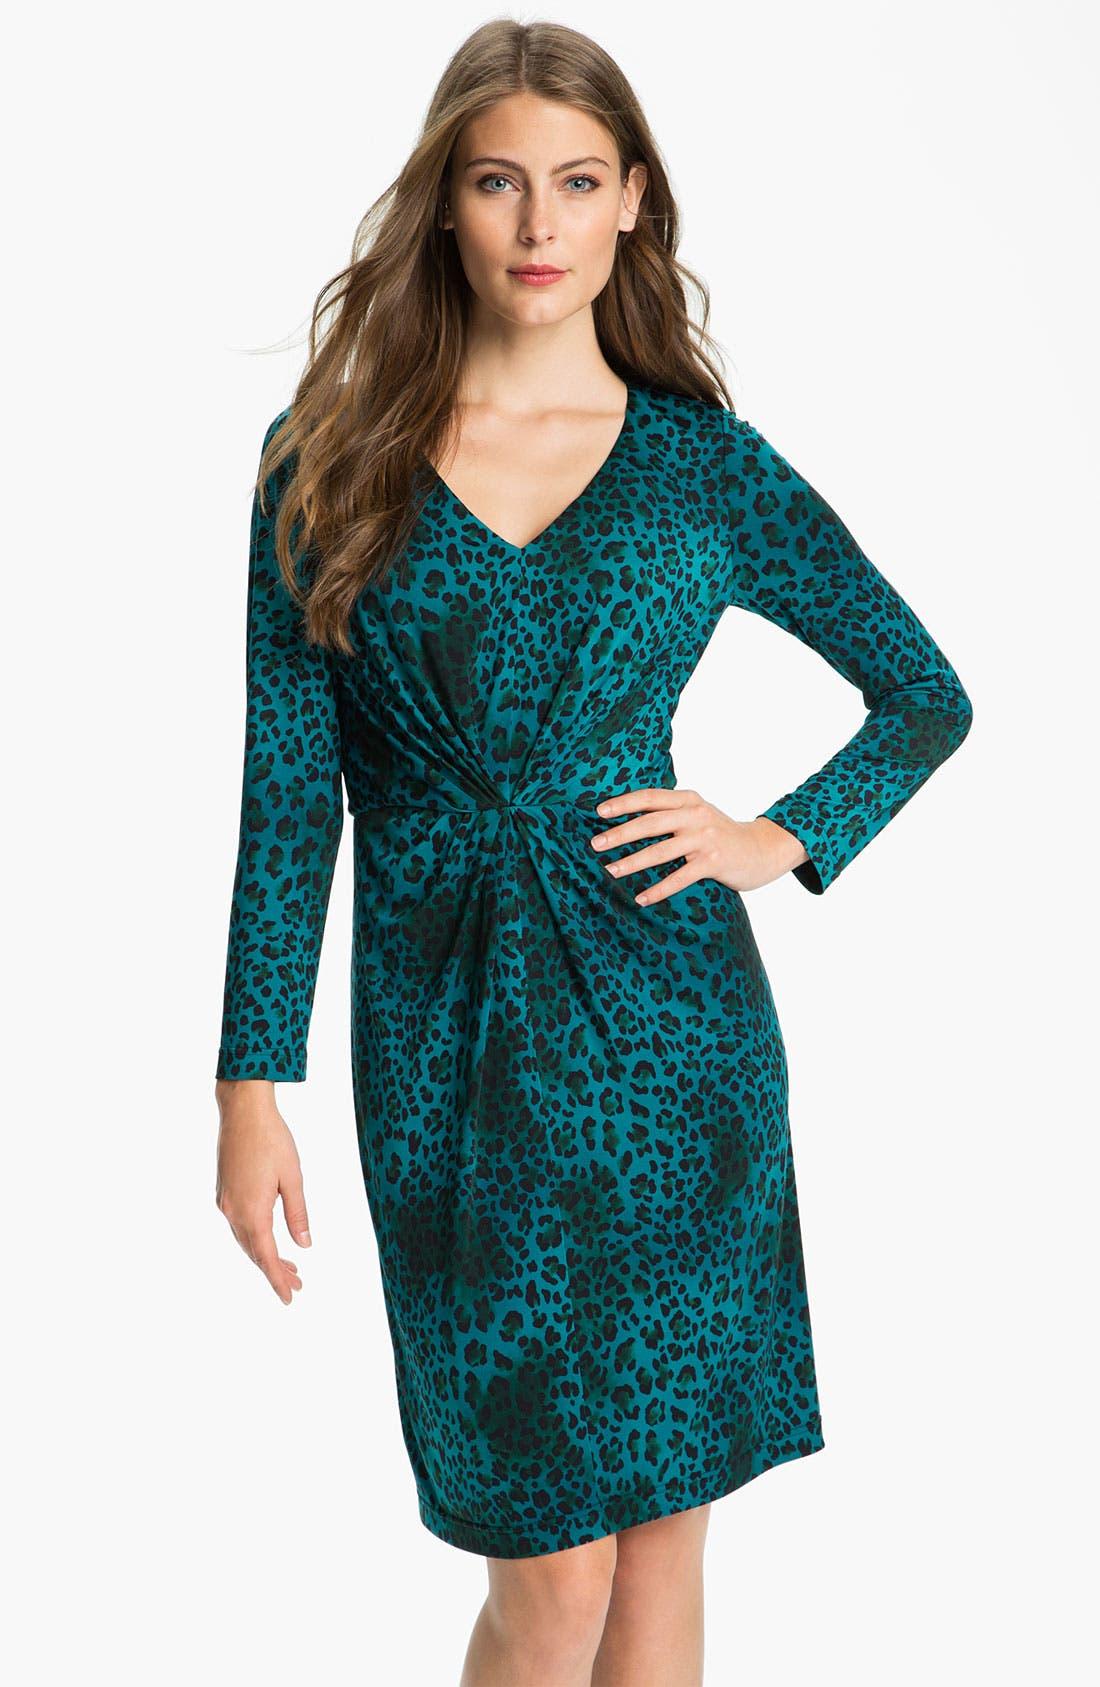 Alternate Image 1 Selected - Tahari Animal Print Jersey Dress